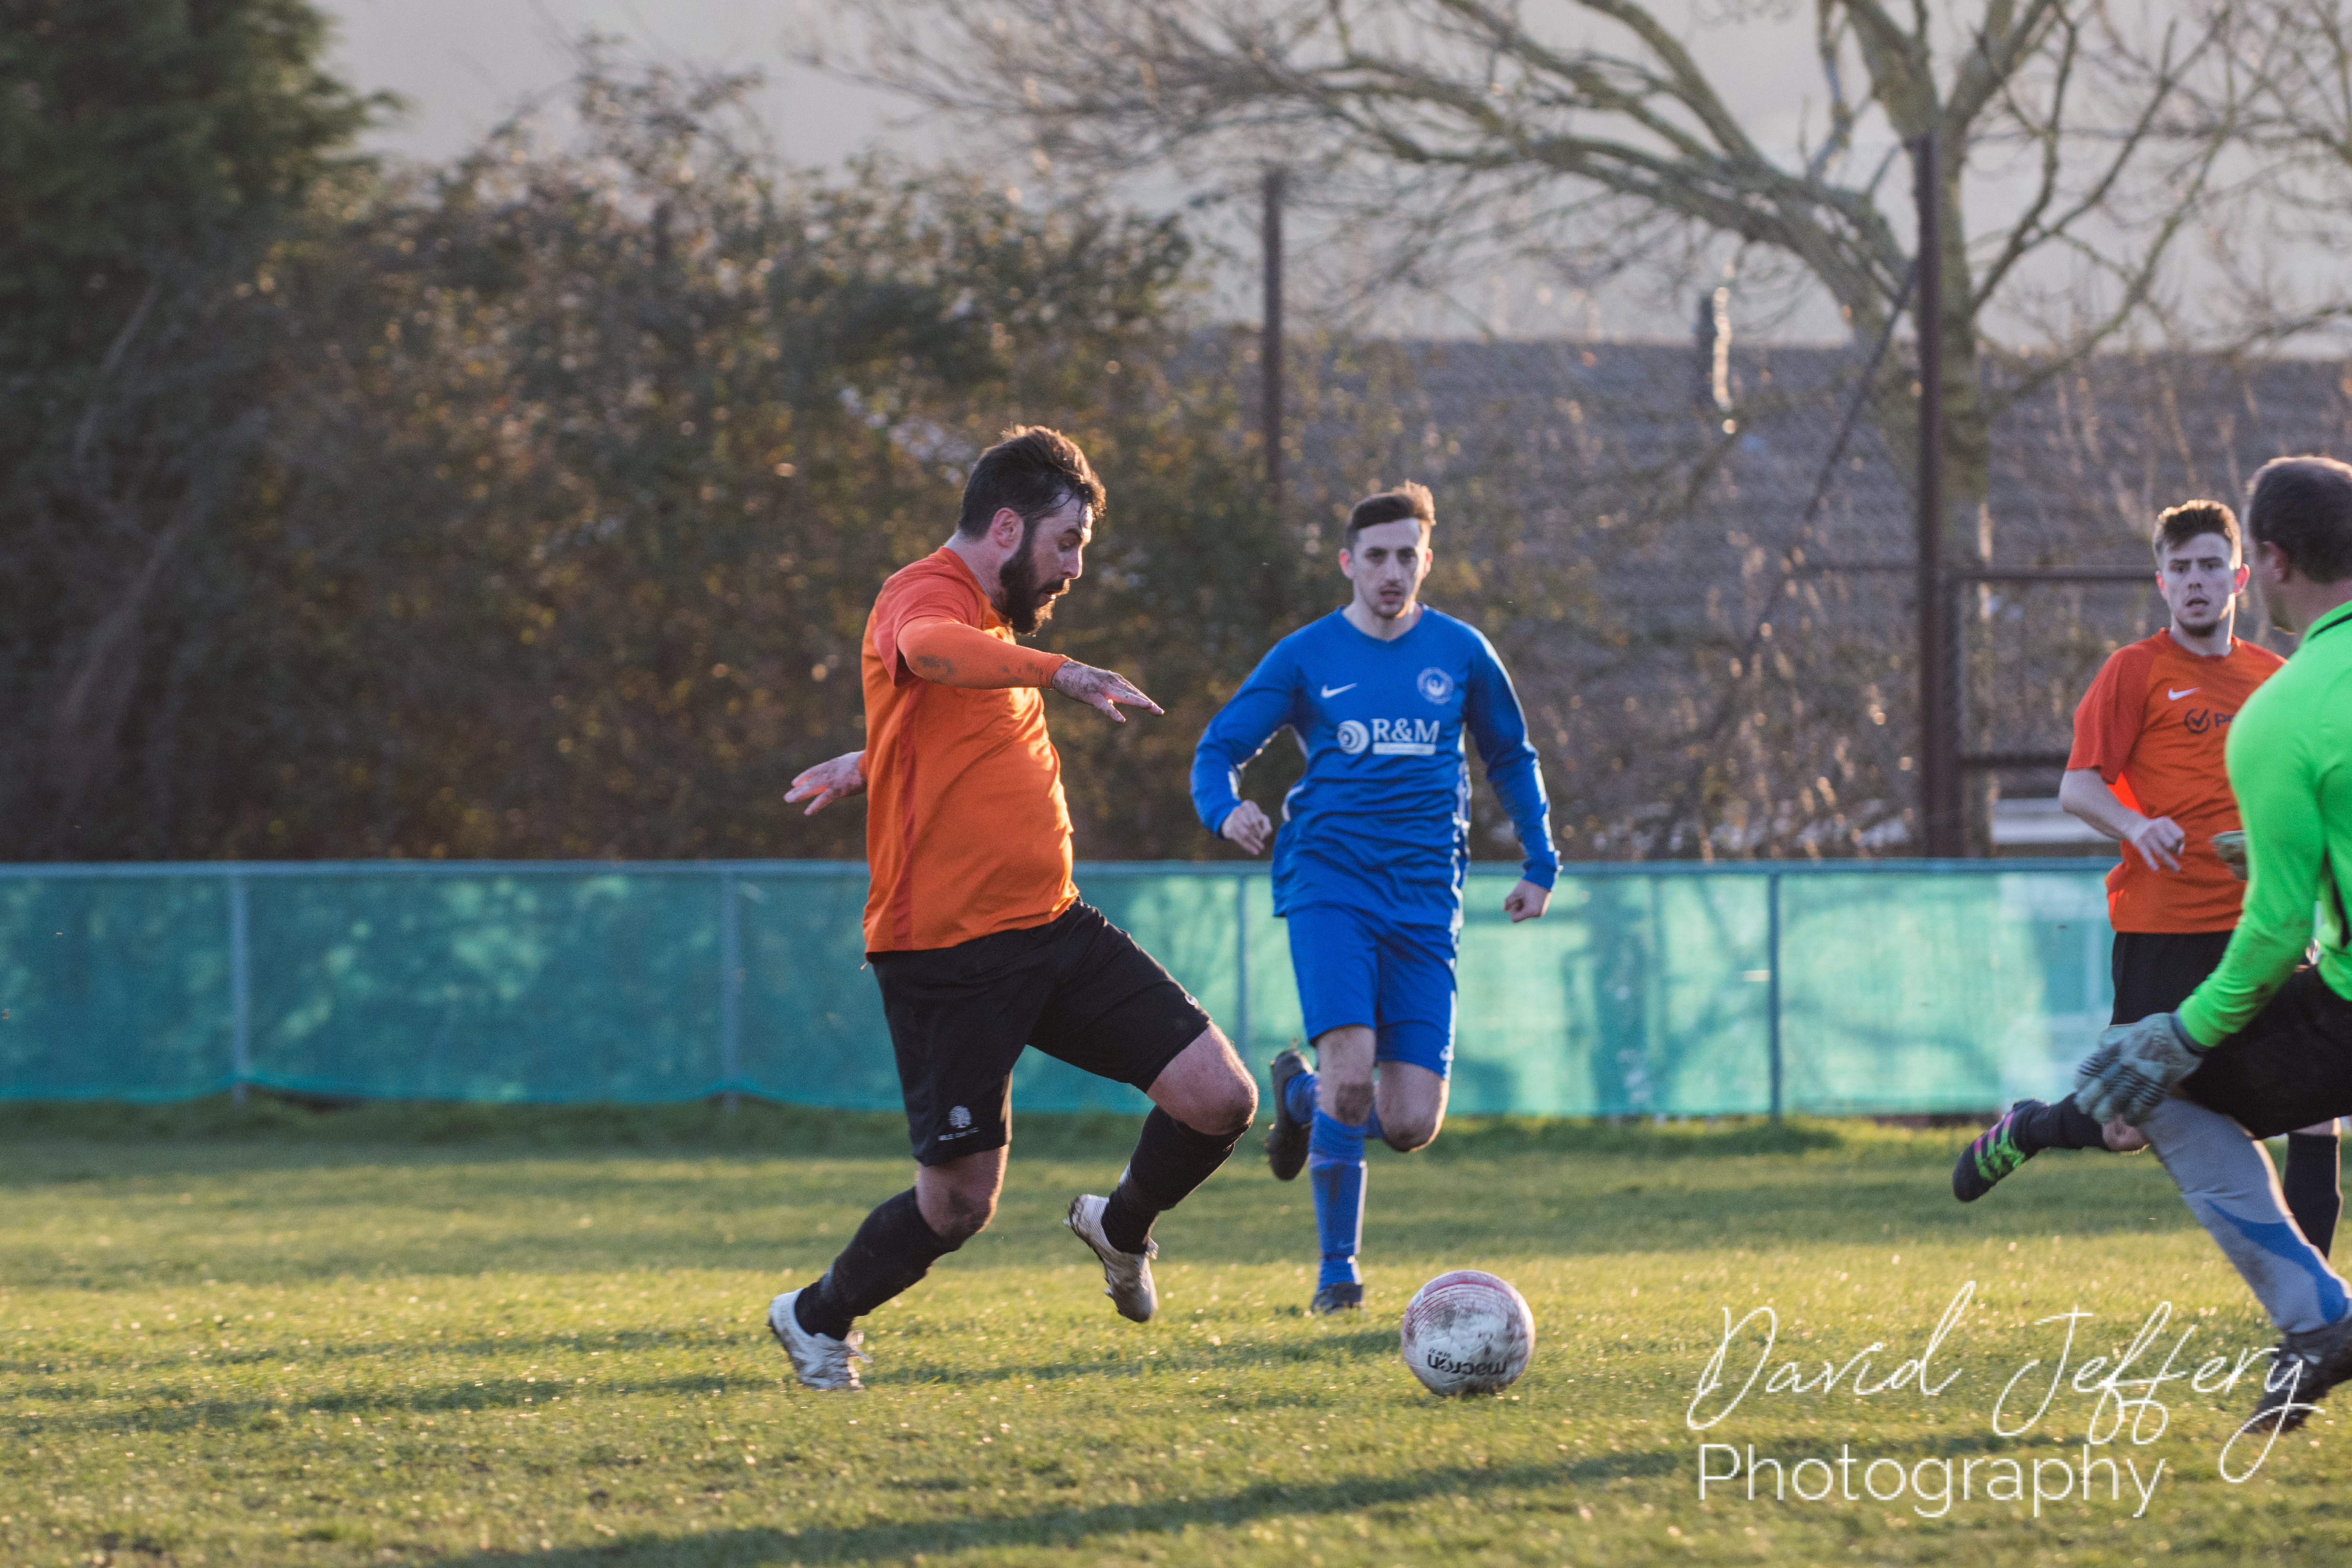 DAVID_JEFFERY MOFC vs Storrington 057